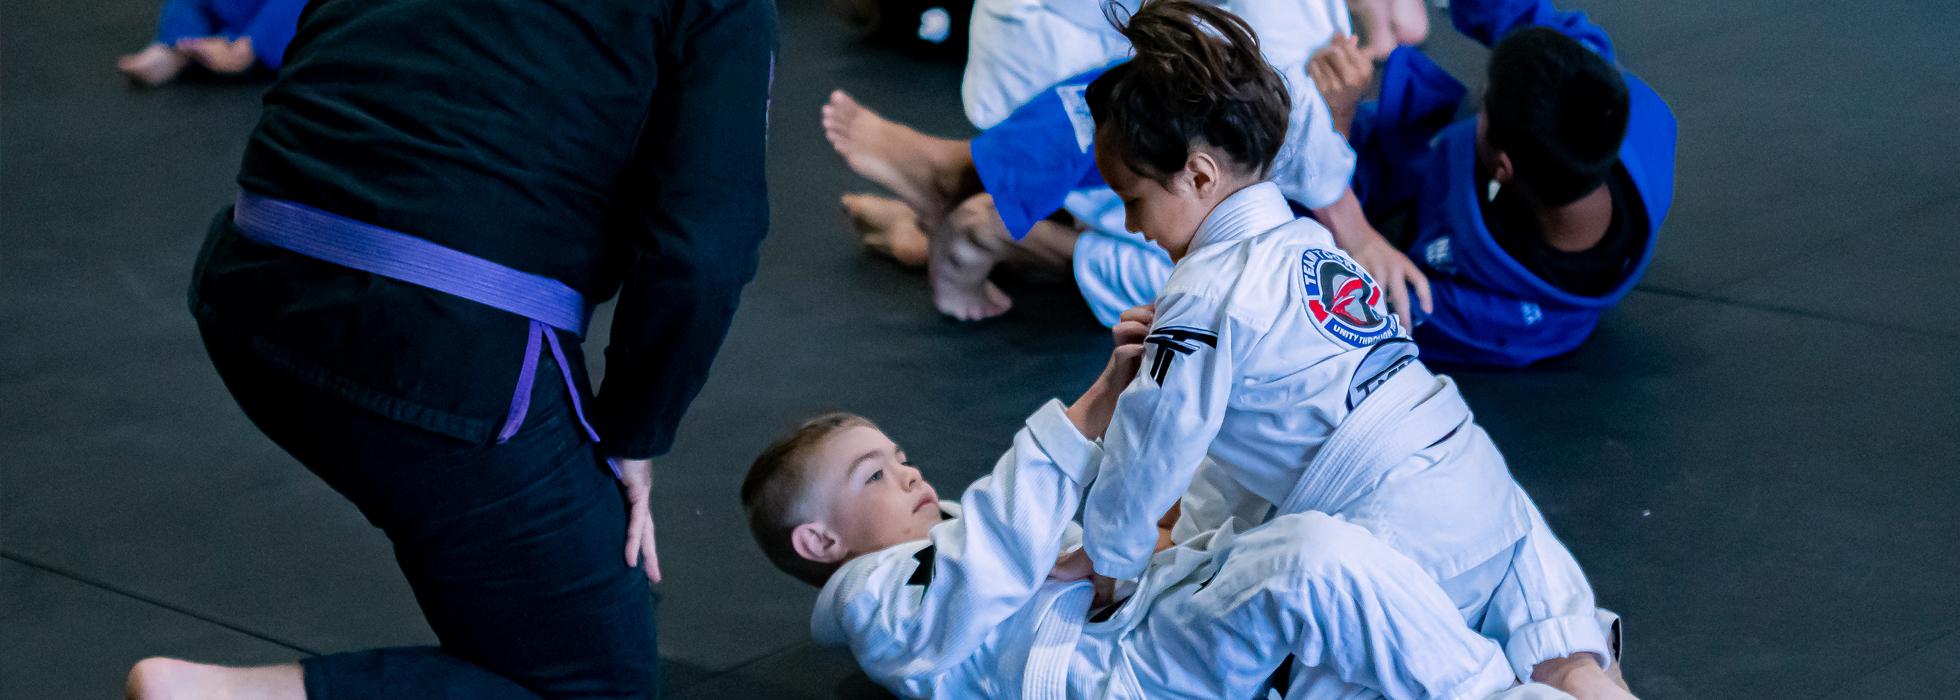 Kids Brazilian Jiu Jitsu Gym in Spring TX, Kids Brazilian Jiu Jitsu Gym near The Woodlands TX, Kids Brazilian Jiu Jitsu Gym near Klein, Kids Brazilian Jiu Jitsu Gym near Tomball TX